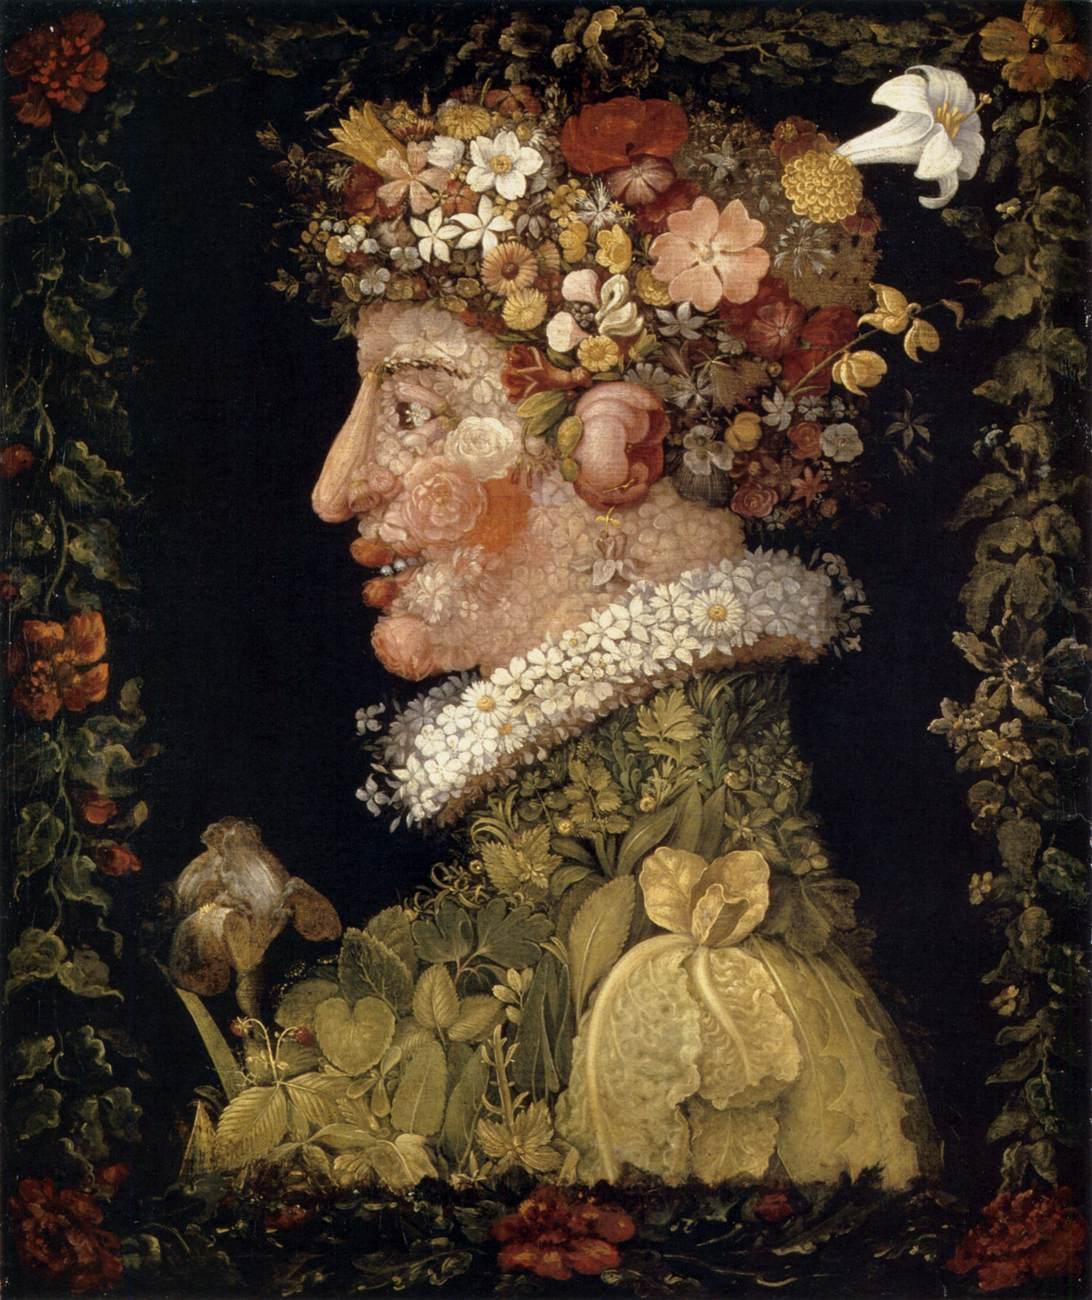 Giuseppe Arcimboldo, Le Printemps, 1573, huile sur toile, 76,5 × 64 cm, Le Louvre